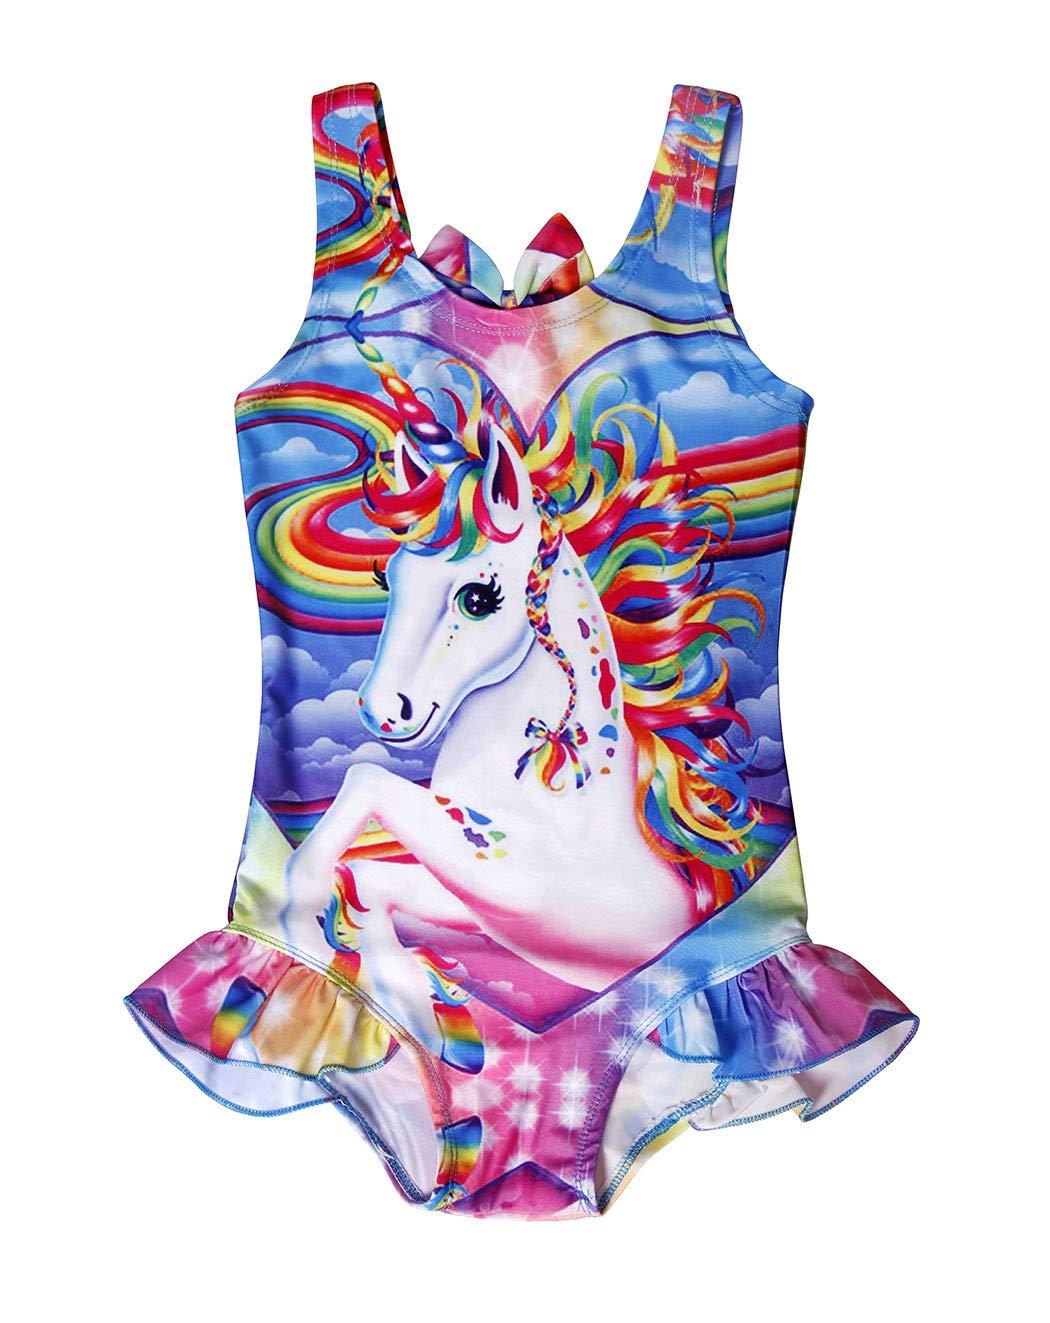 AmzBarley Unicorno Costumi Interi da Ragazza Bambina Costume da Bagno Mare Piscina Nuoto Nuotare Abbigliamento da… 3 spesavip